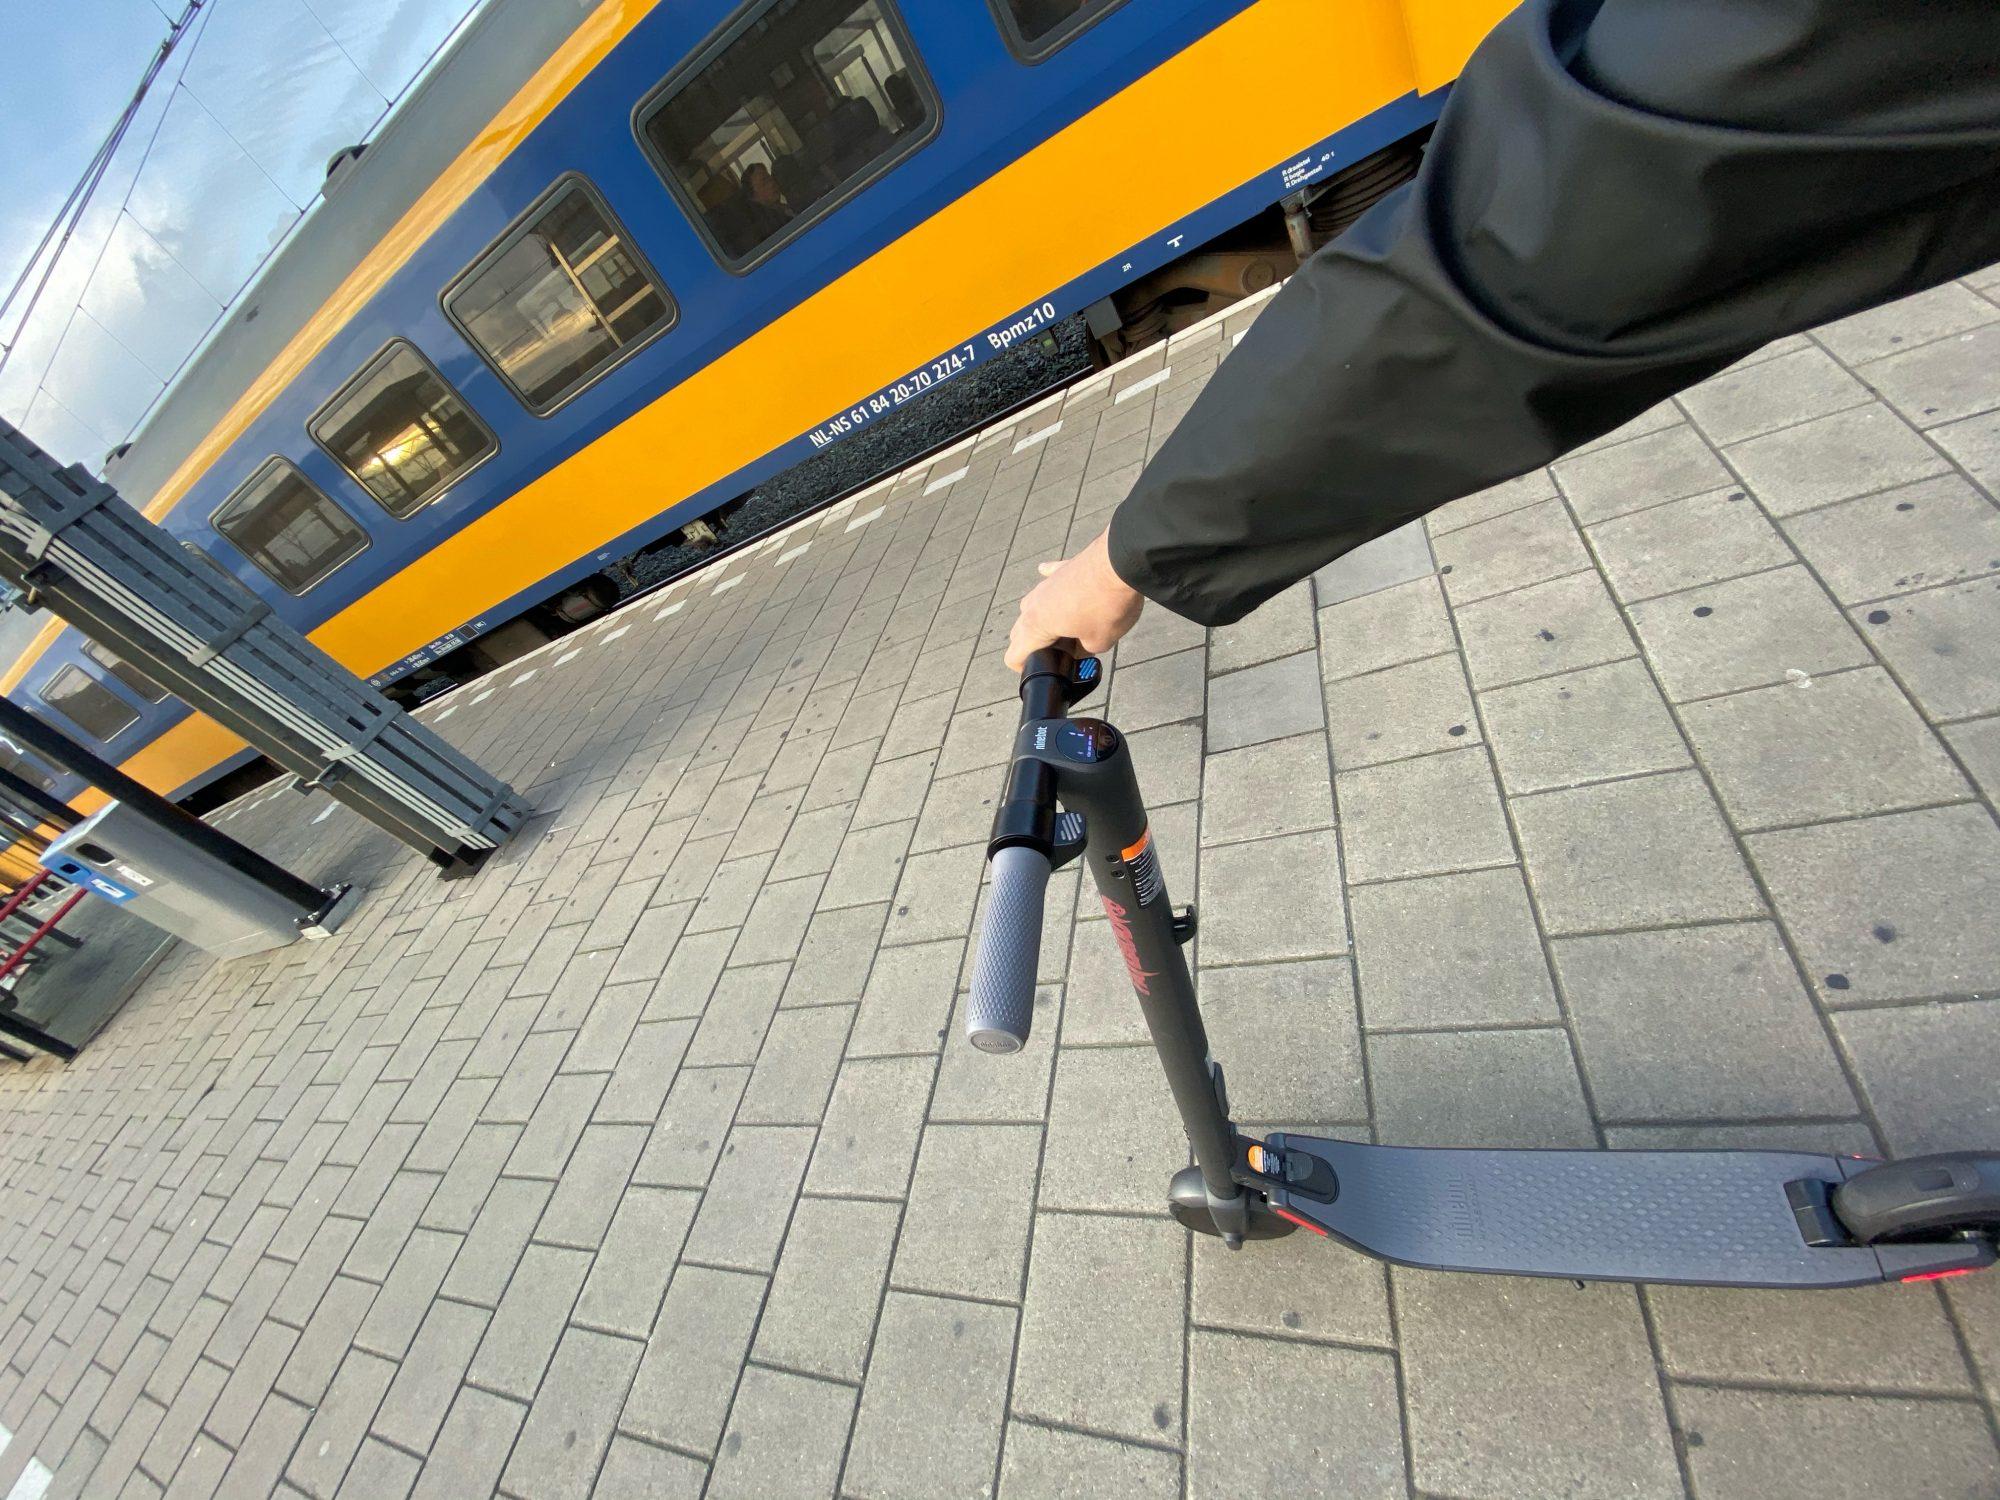 <pre>Elektriske scootere tager ti minutter af din pendel til at arbejde